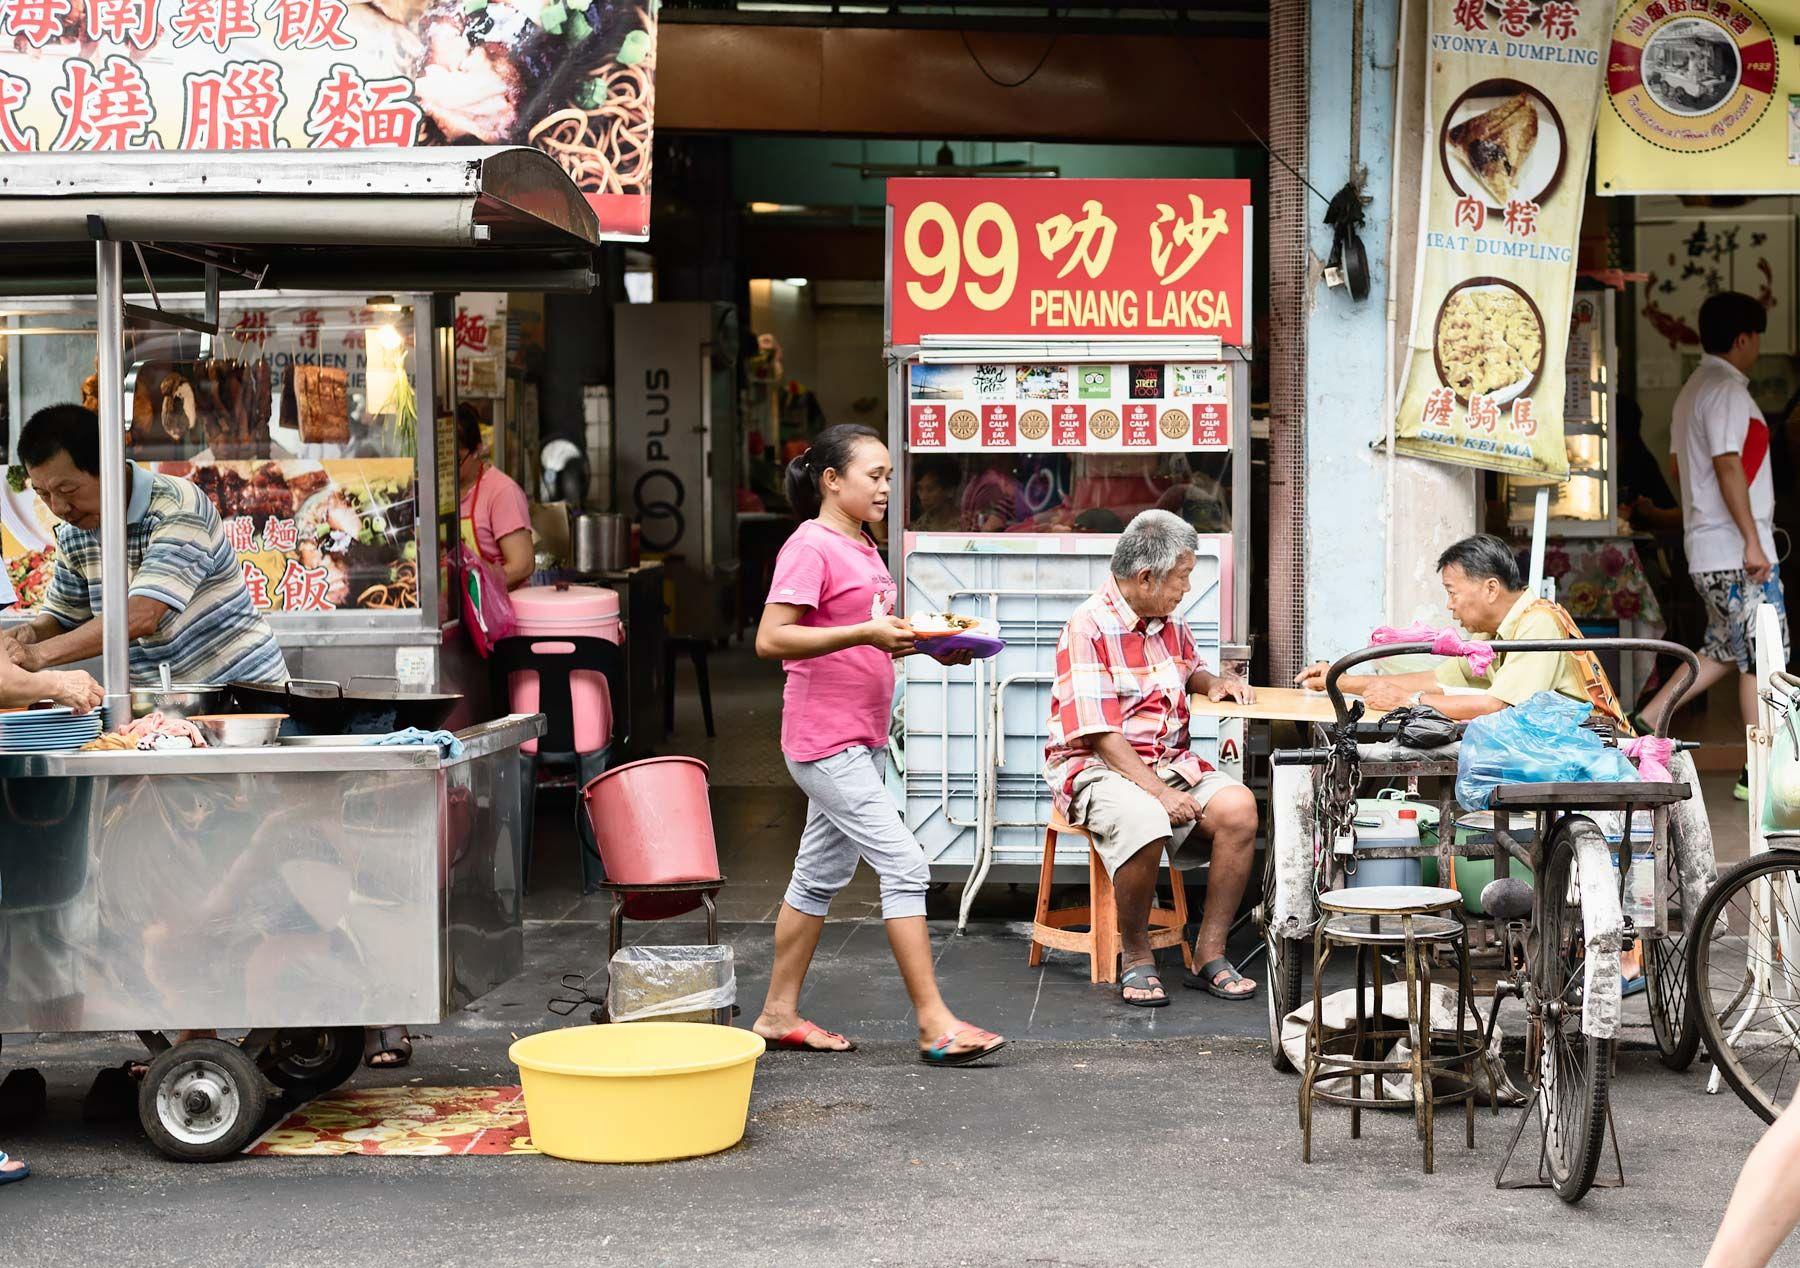 Photos That Will Make You Want To Visit George Town Penang Urban Pixxels Penang Food Capital Penang Laksa